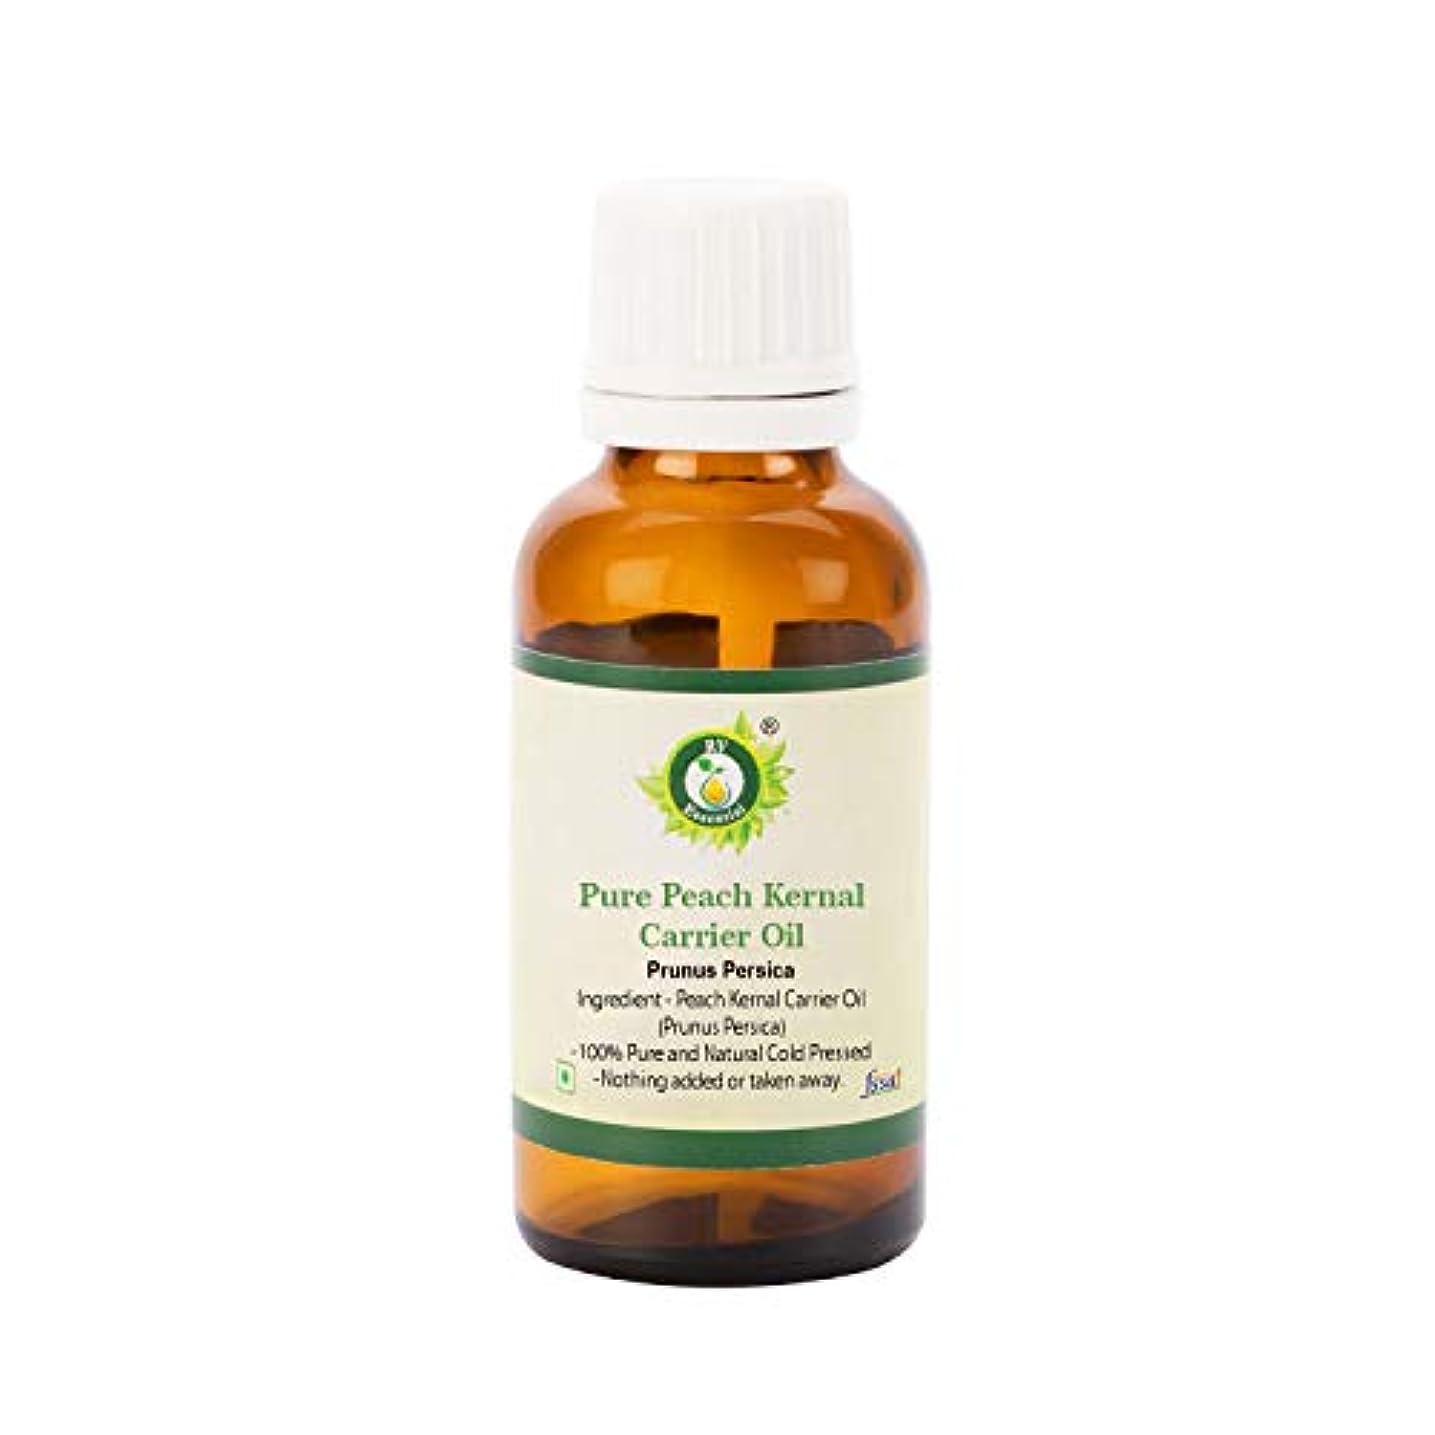 無効呼ぶ誇張するR V Essential ピュアピーチ Kernalキャリアオイル15ml (0.507oz)- Prunus Persica (100%ピュア&ナチュラルコールドPressed) Pure Peach Kernal Carrier Oil